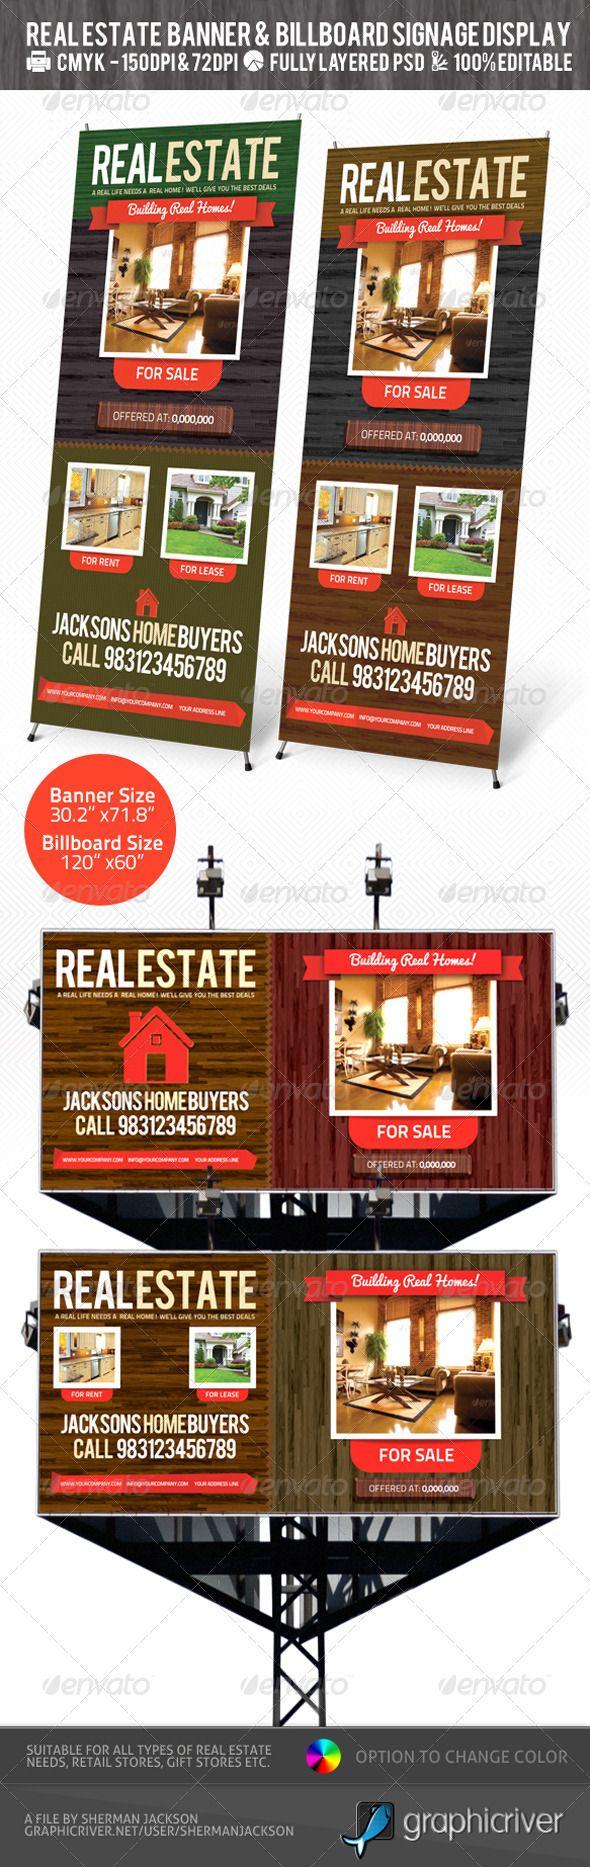 Real estate billboard design samples - Real Estate Outdoor Banner Billboard Signage Psd